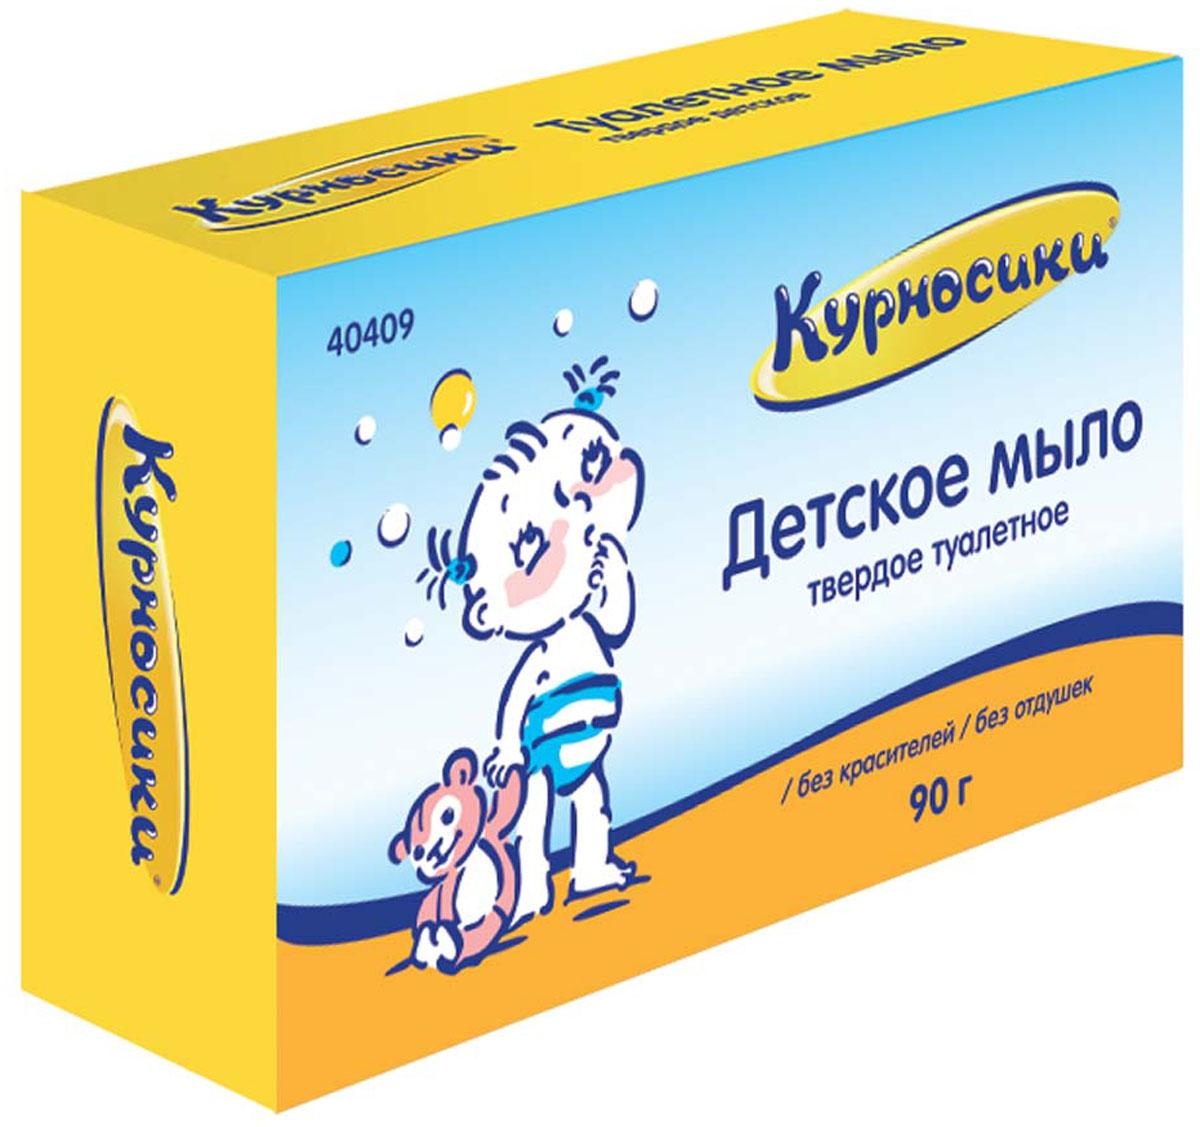 Курносики Мыло Детское 90 гMP59.4DМыло детское Курносики специально разработано для ухода за самой нежной и чувствительной кожей новорожденных. Детское мыло мягко и бережно очищает кожу малыша. Мыло изготовлено из высококачественных натуральных компонентов, не содержит красителей и ароматизаторов, подходит для ежедневного ухода за кожей детей и взрослых. Мыло не содержит красителей и отдушек. Рекомендуемый возраст: от 0 месяцев. Товар сертифицирован.